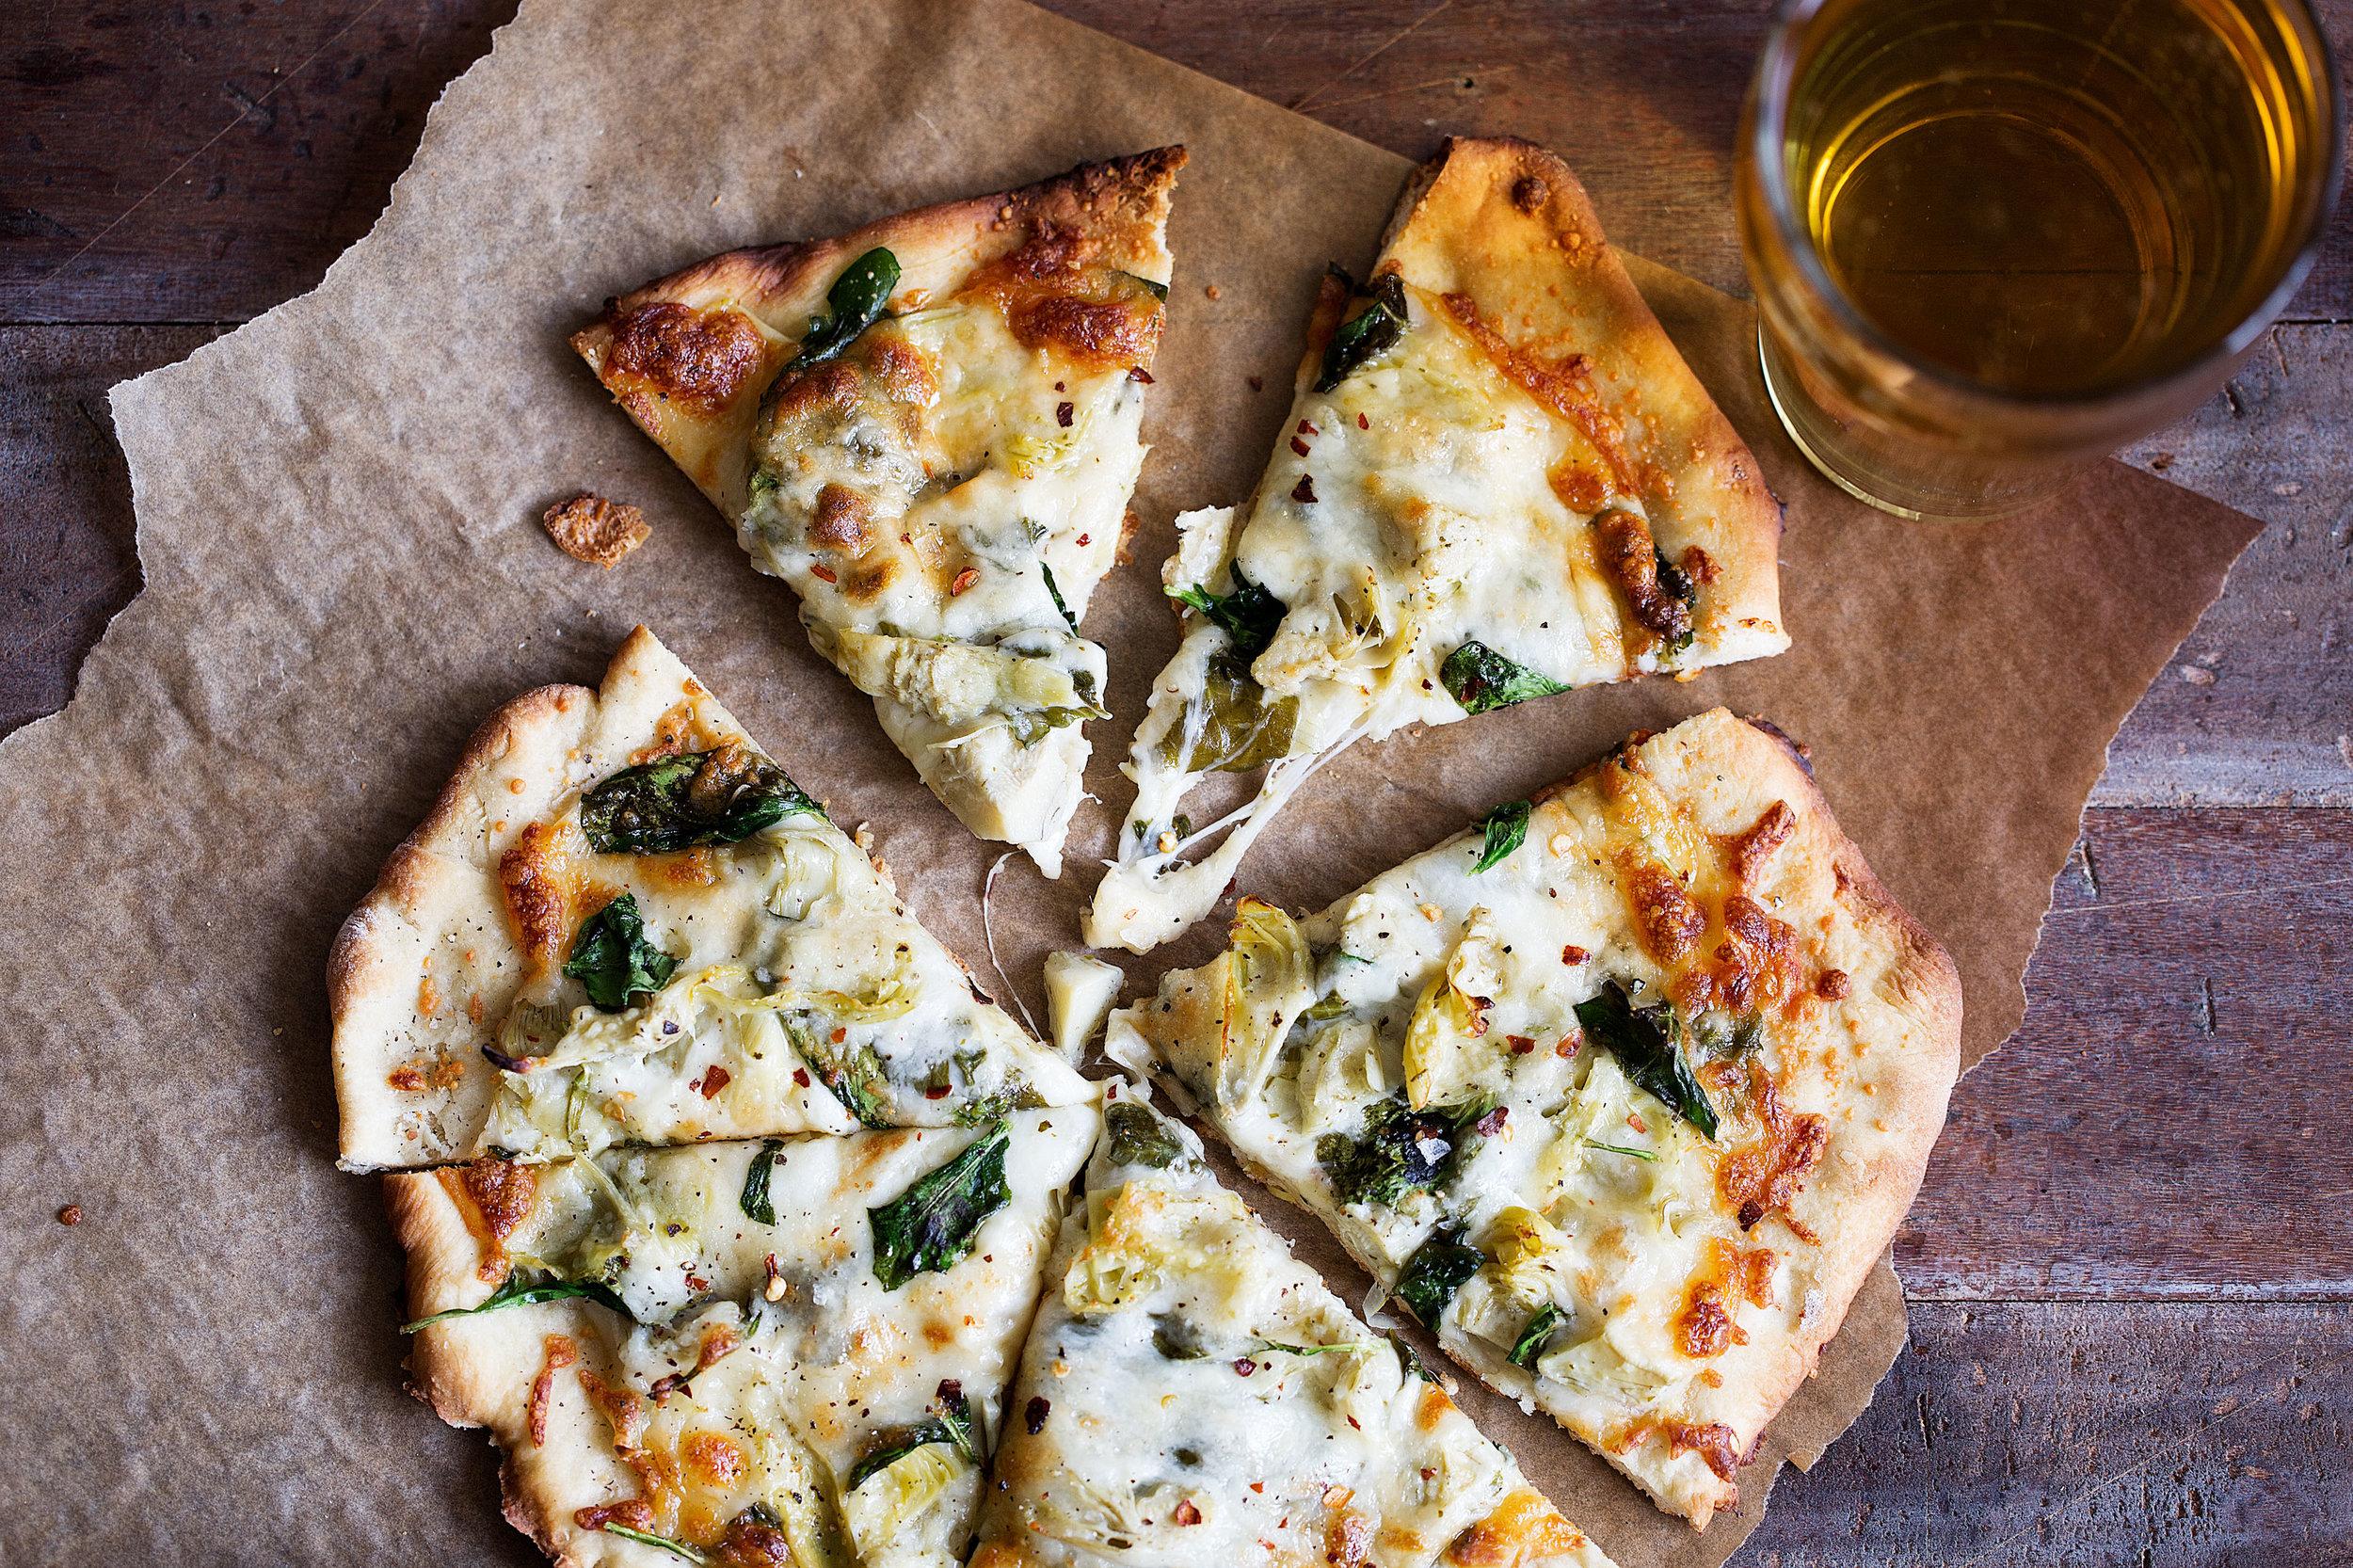 homemade spinach artichoke pizza slices